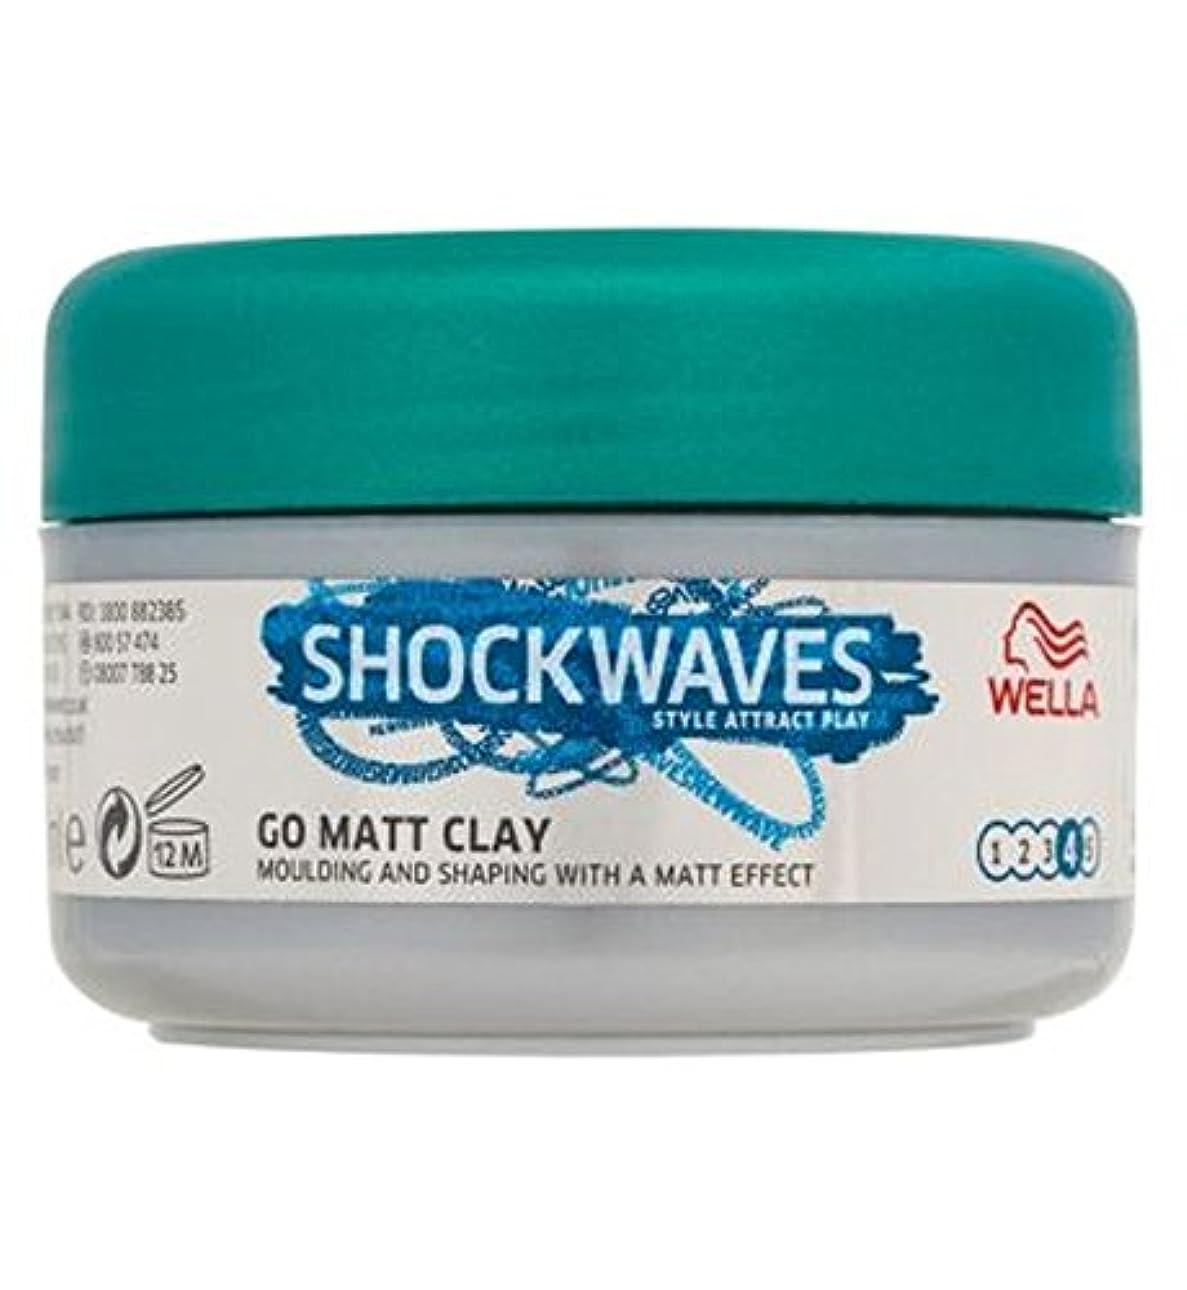 キノコマリンロードブロッキングWella Shockwaves Extrovert Go Matt Clay 75ml - ウエラの衝撃波の外向性はマット粘土75ミリリットルを行きます (Wella Shockwaves) [並行輸入品]